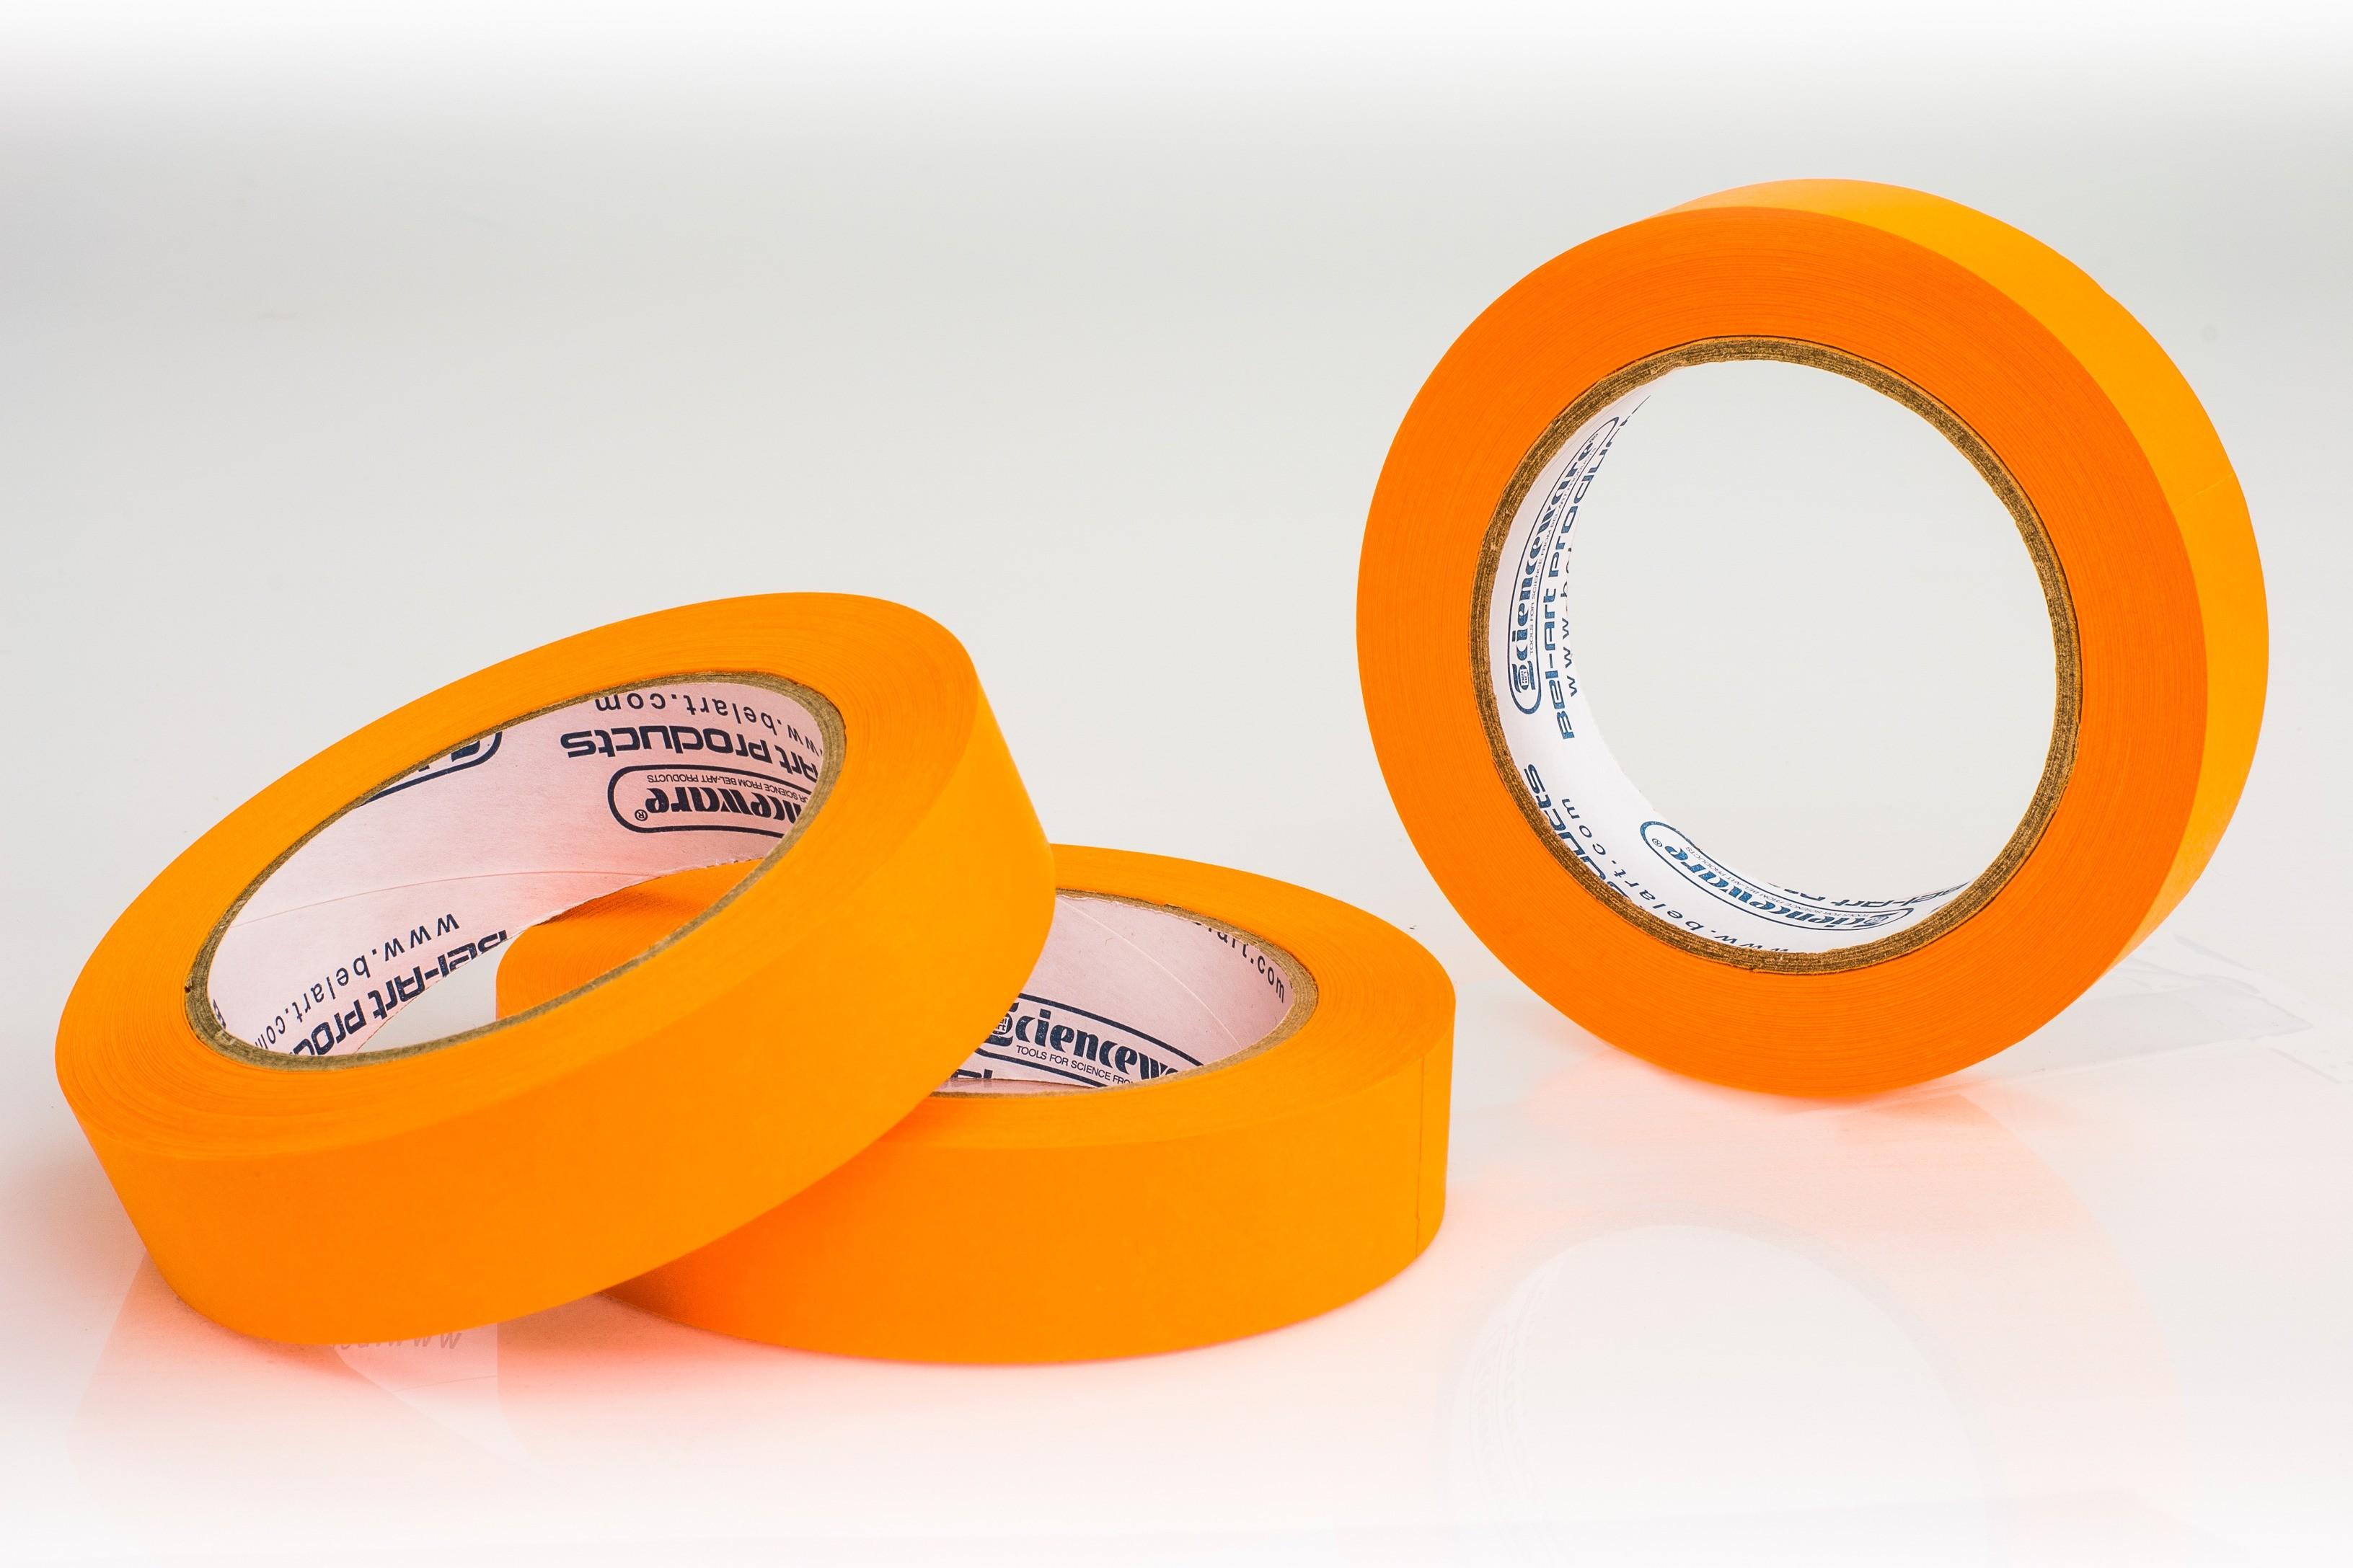 SP Bel-Art Write-On Orange Label Tape; 40yd Length, 1 in. Width, 3 in. Core (Pack of 3)